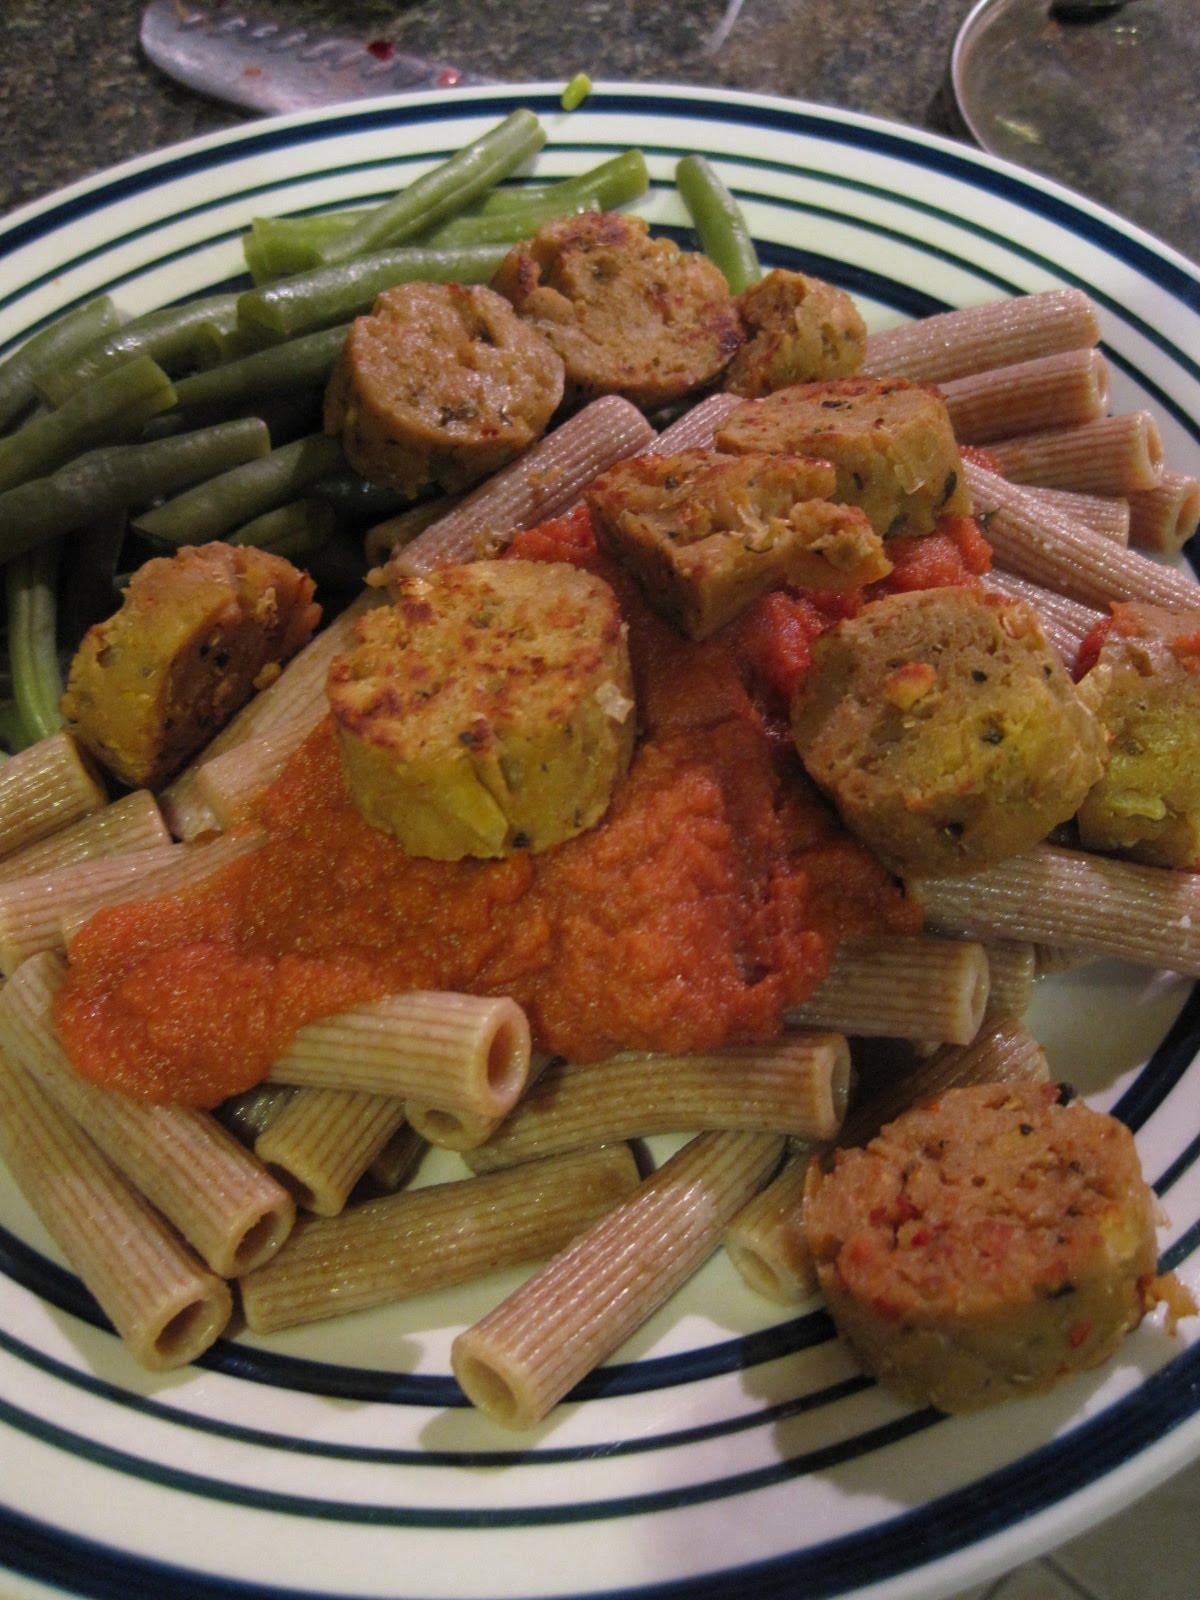 Vegan Italian Sausage Recipes  Vegan Italian Sausage – Marcella – Vegan Muscle and Fitness